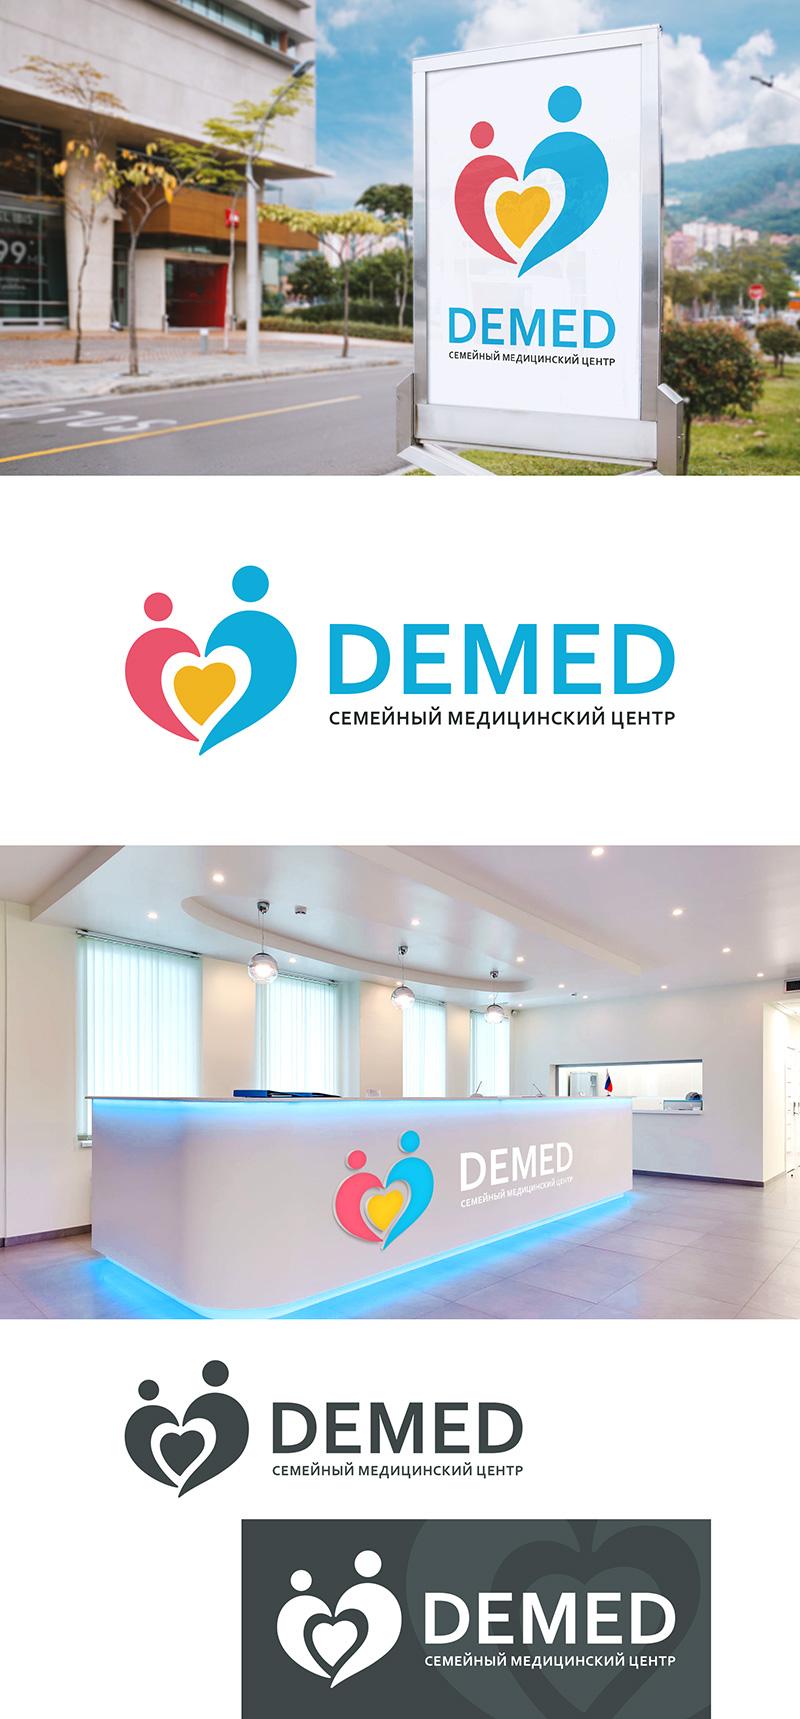 Логотип медицинского центра фото f_3755dcd5ab0af1aa.jpg